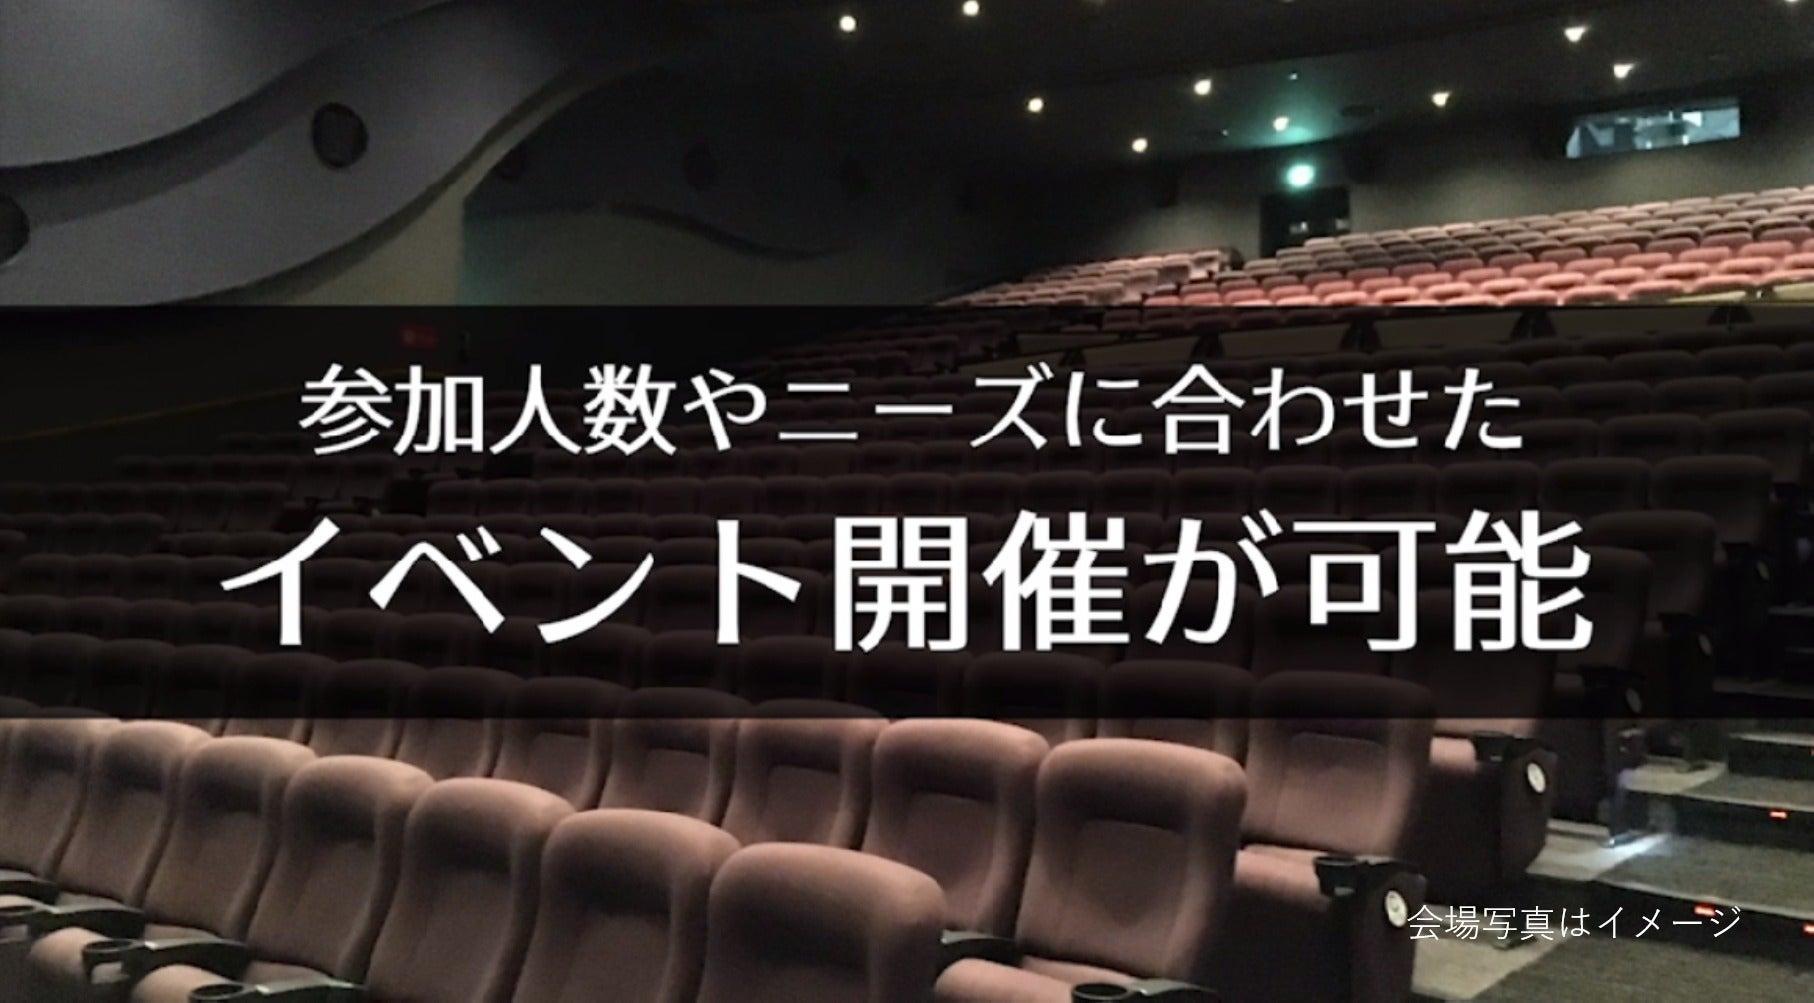 【つくば 180席】映画館で、会社説明会、株主総会、講演会の企画はいかがですか?(シネプレックスつくば) の写真0